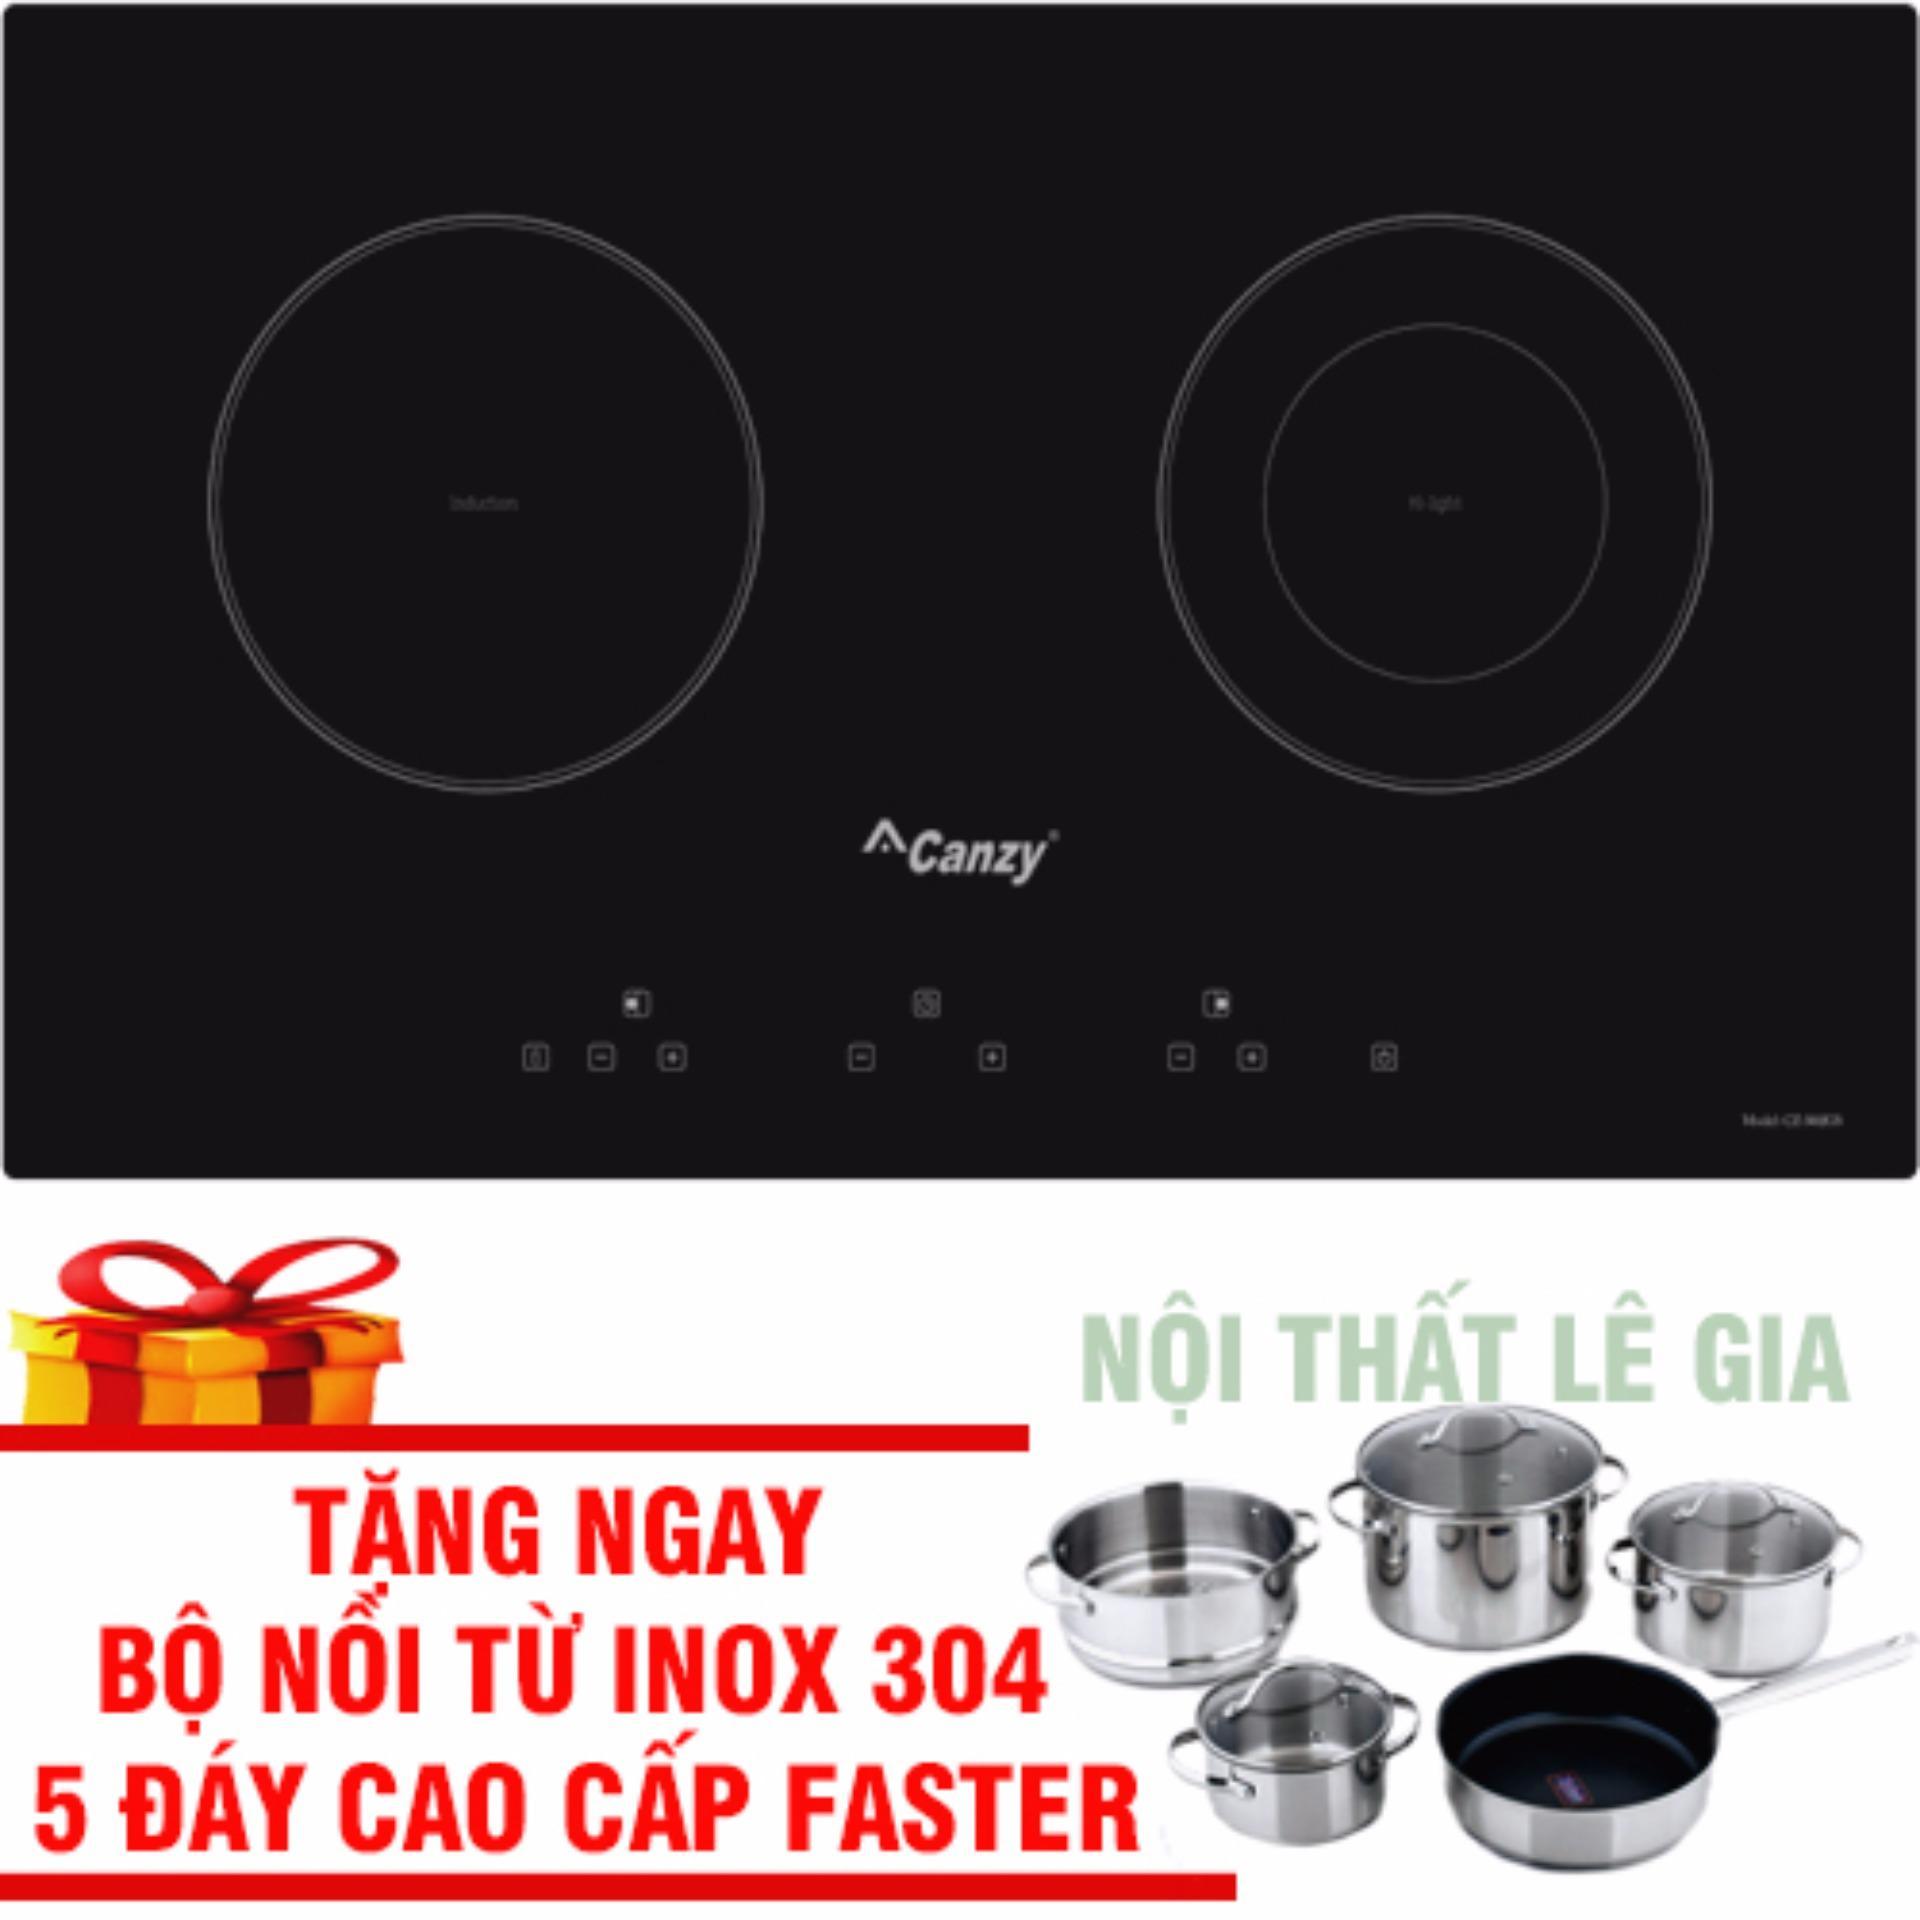 Bếp Điện Từ Canzy CZ 3002GS Tặng Bộ Nồi Từ Faster Inox 304 Cao Cấp